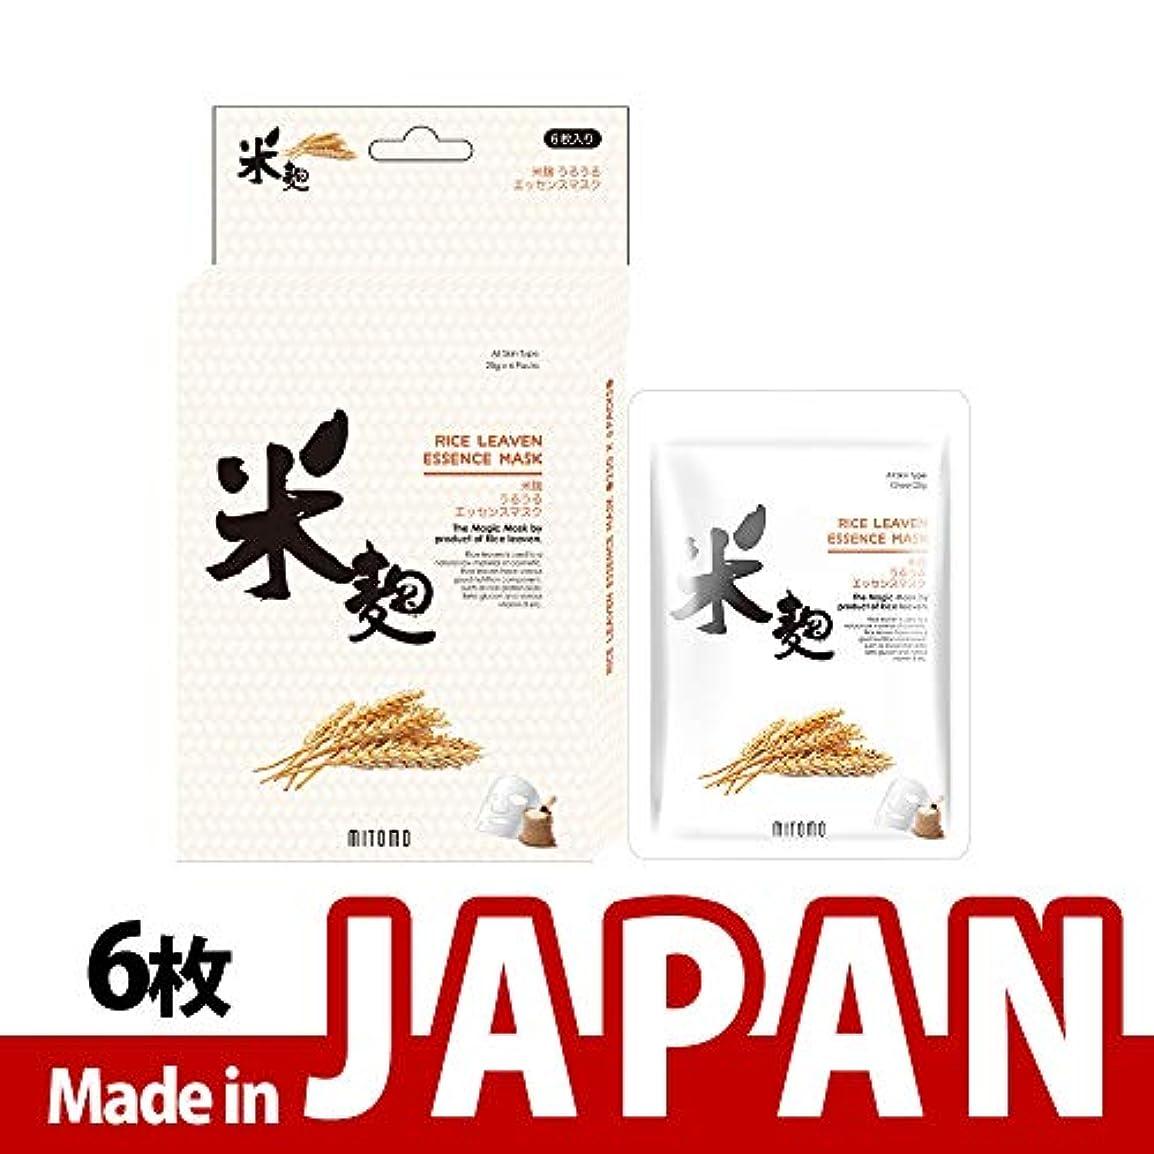 受信コンサルタント爆発物MITOMO【JP512-E-4】日本製大豆イソフラボン シートマスク/6枚入り/6枚/美容液/マスクパック/送料無料